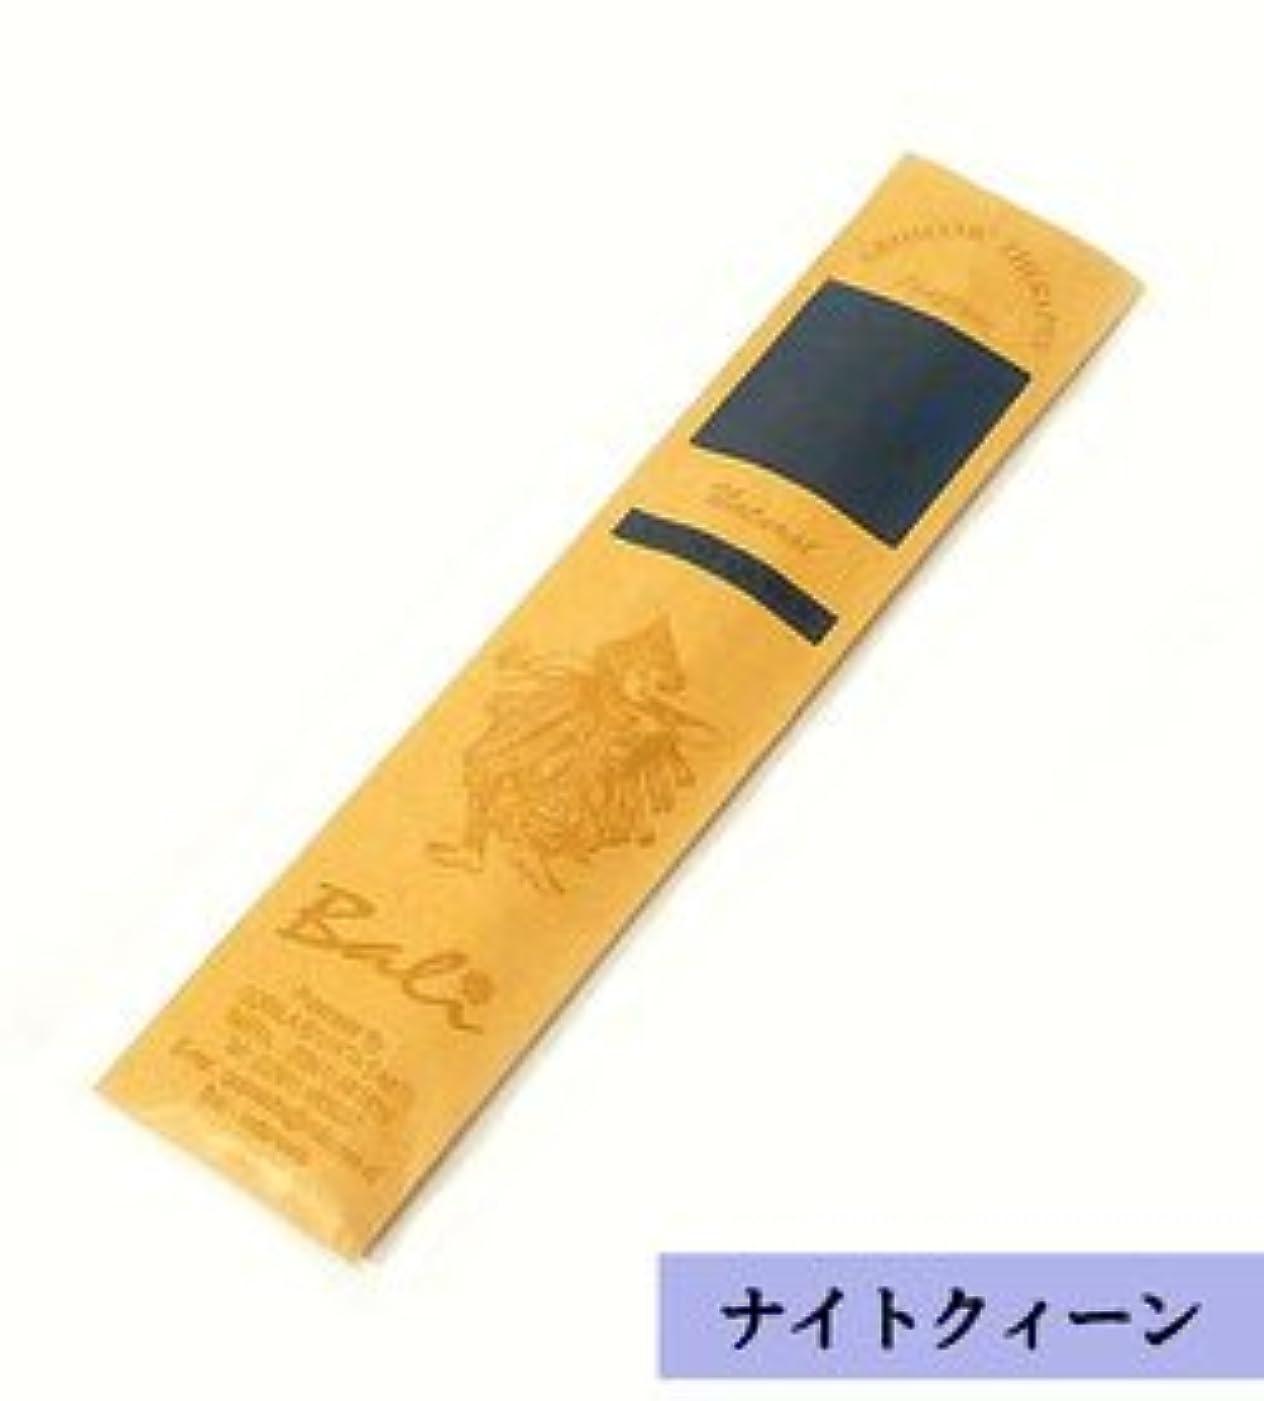 バリのお香 BHAKTA 【ナイトクィーン】 NIGHT QUEEN ロングスティック 20本入り アジアン雑貨